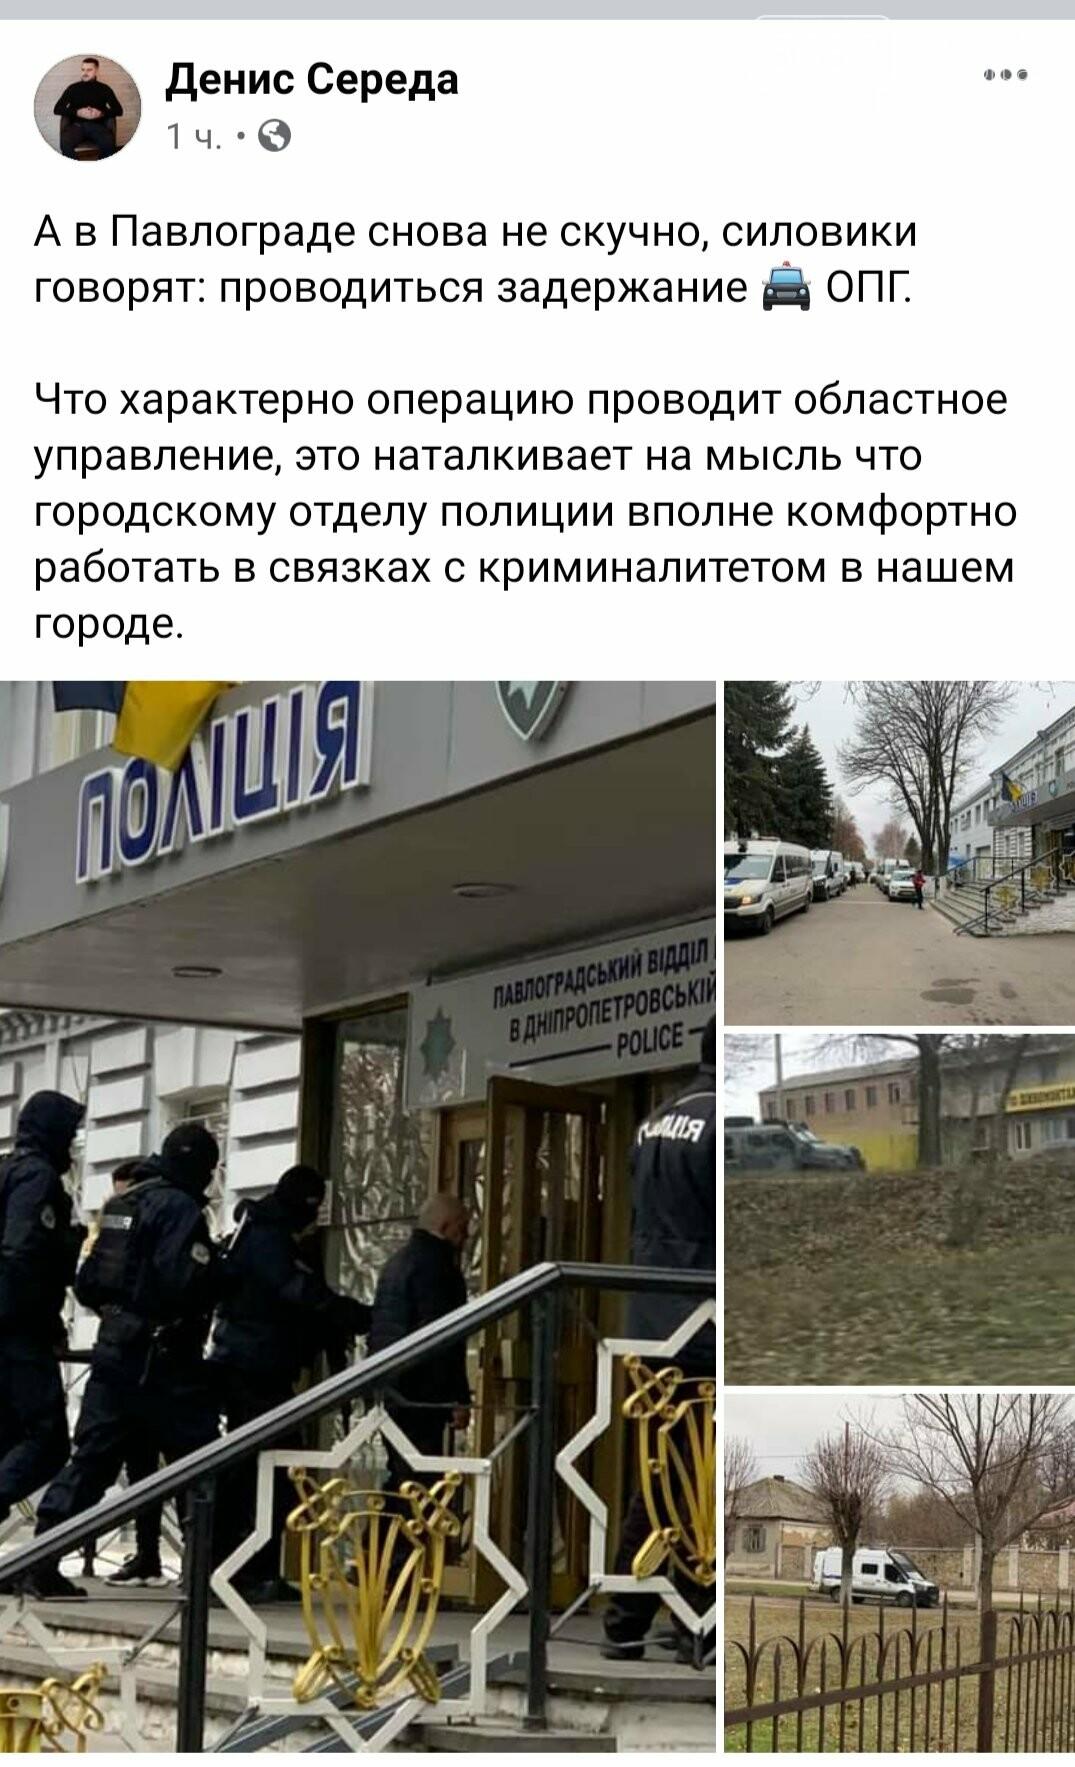 В Павлограде работает областная полиция: что происходит?, фото-4